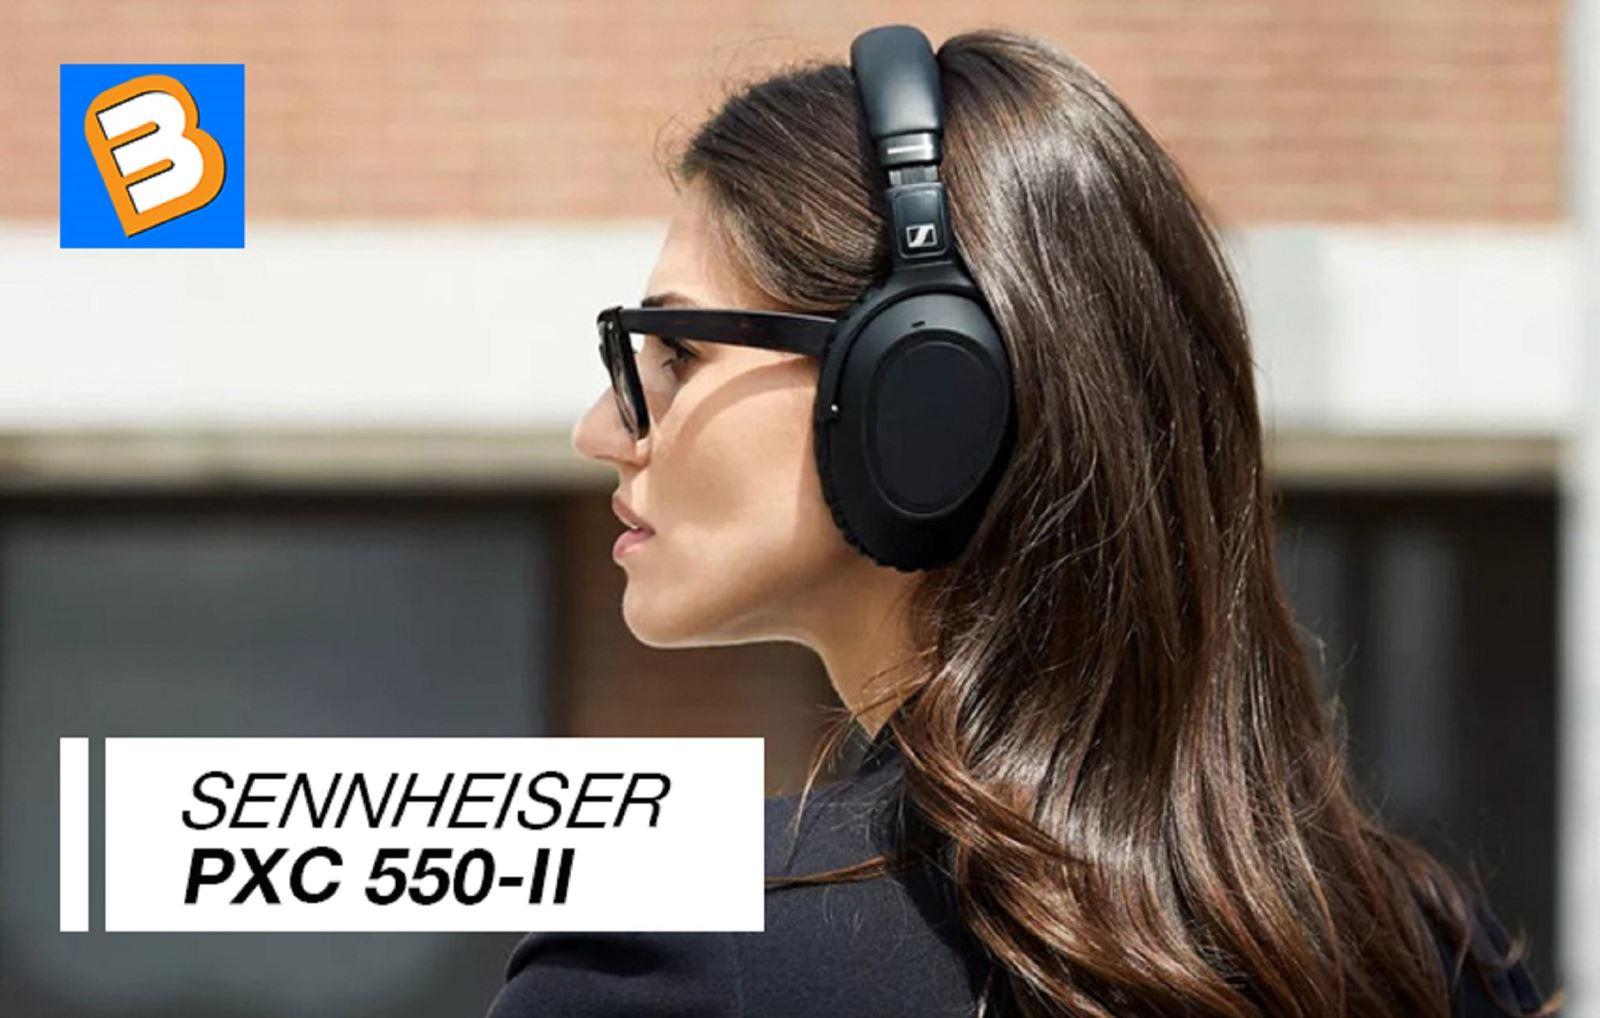 Sennheiser ra mắt mẫu tai nghe chống ồn cao cấp PXC 550-II